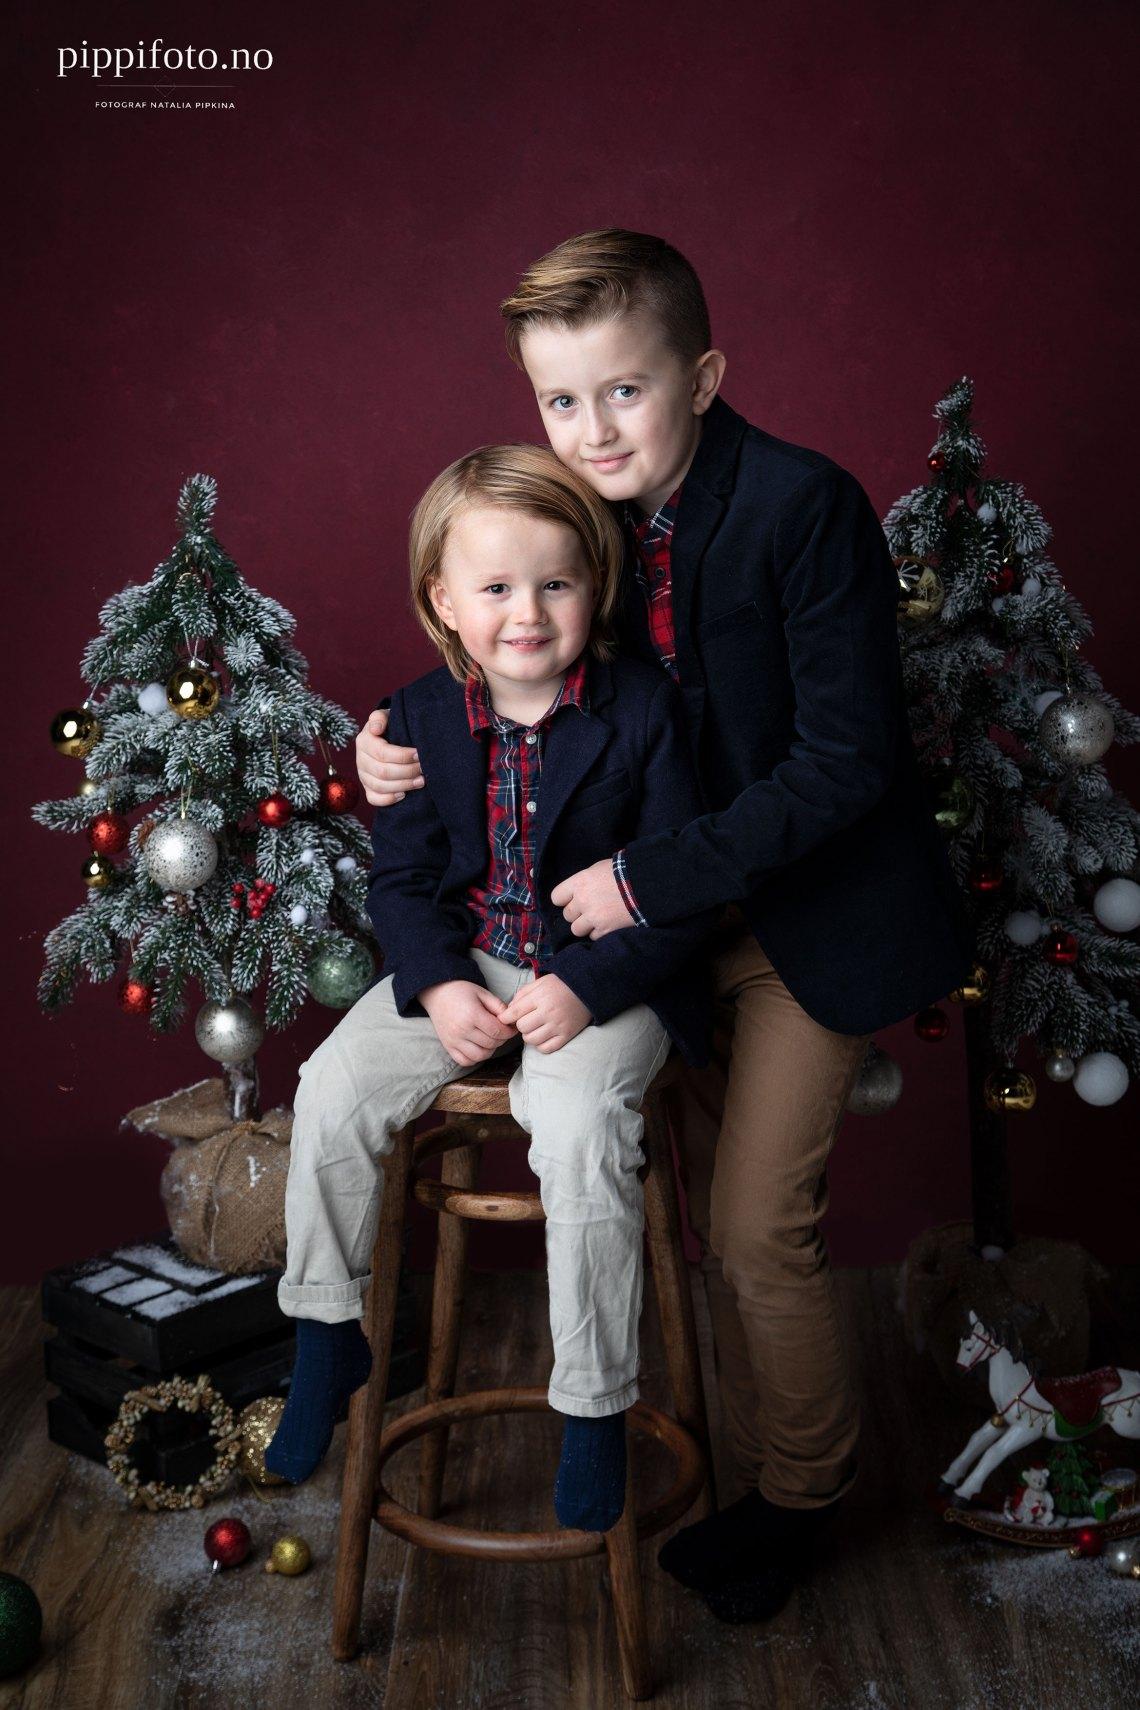 julekort-julekortfotografering-jul-julepynt-barnfotografering-familiefotografering-Akershus